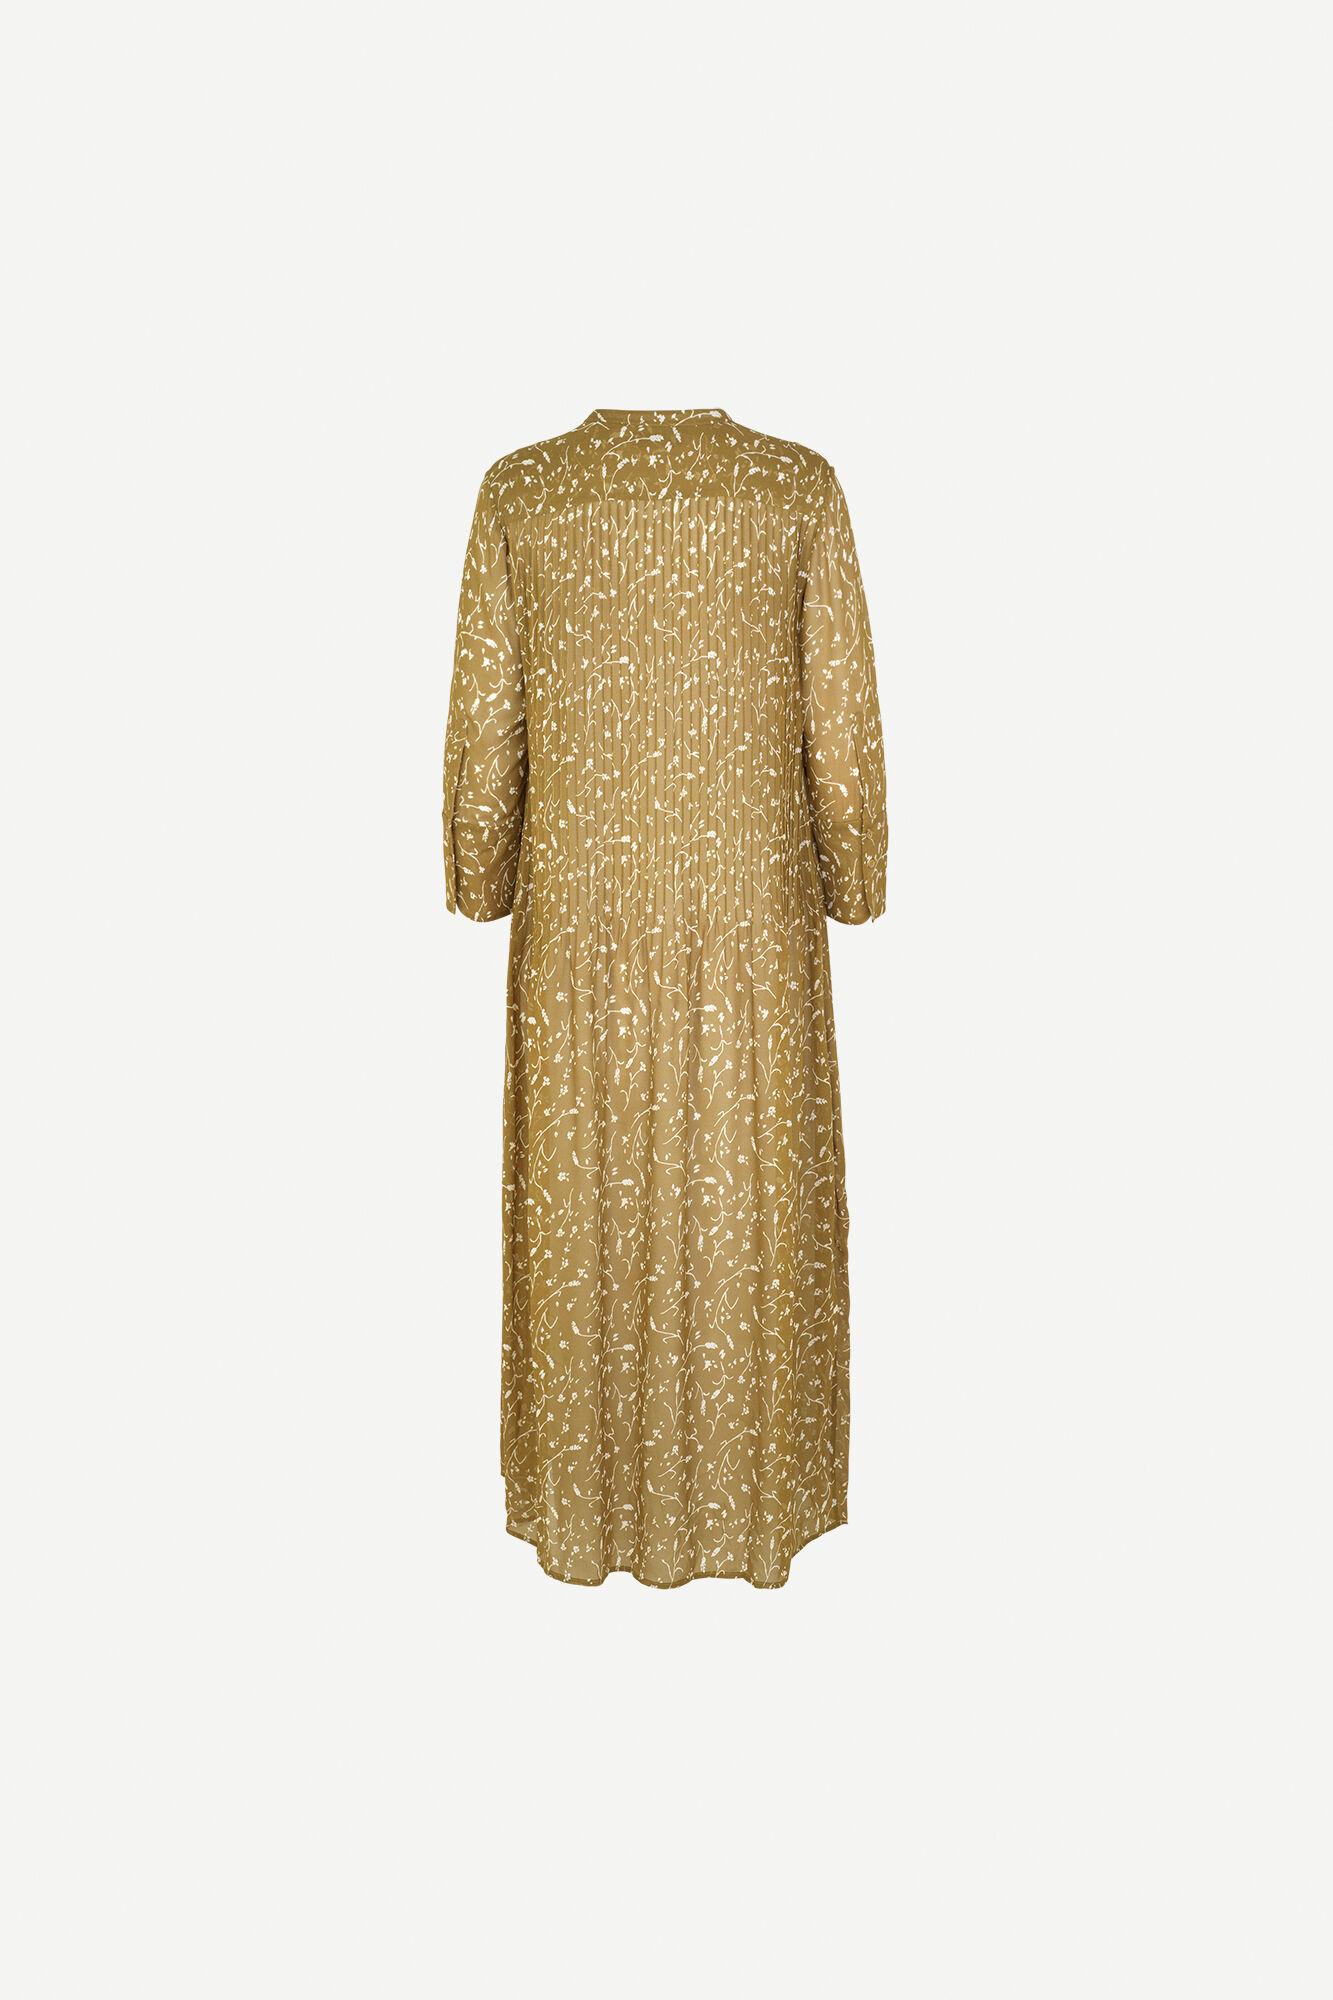 Elm ml dress aop 9695